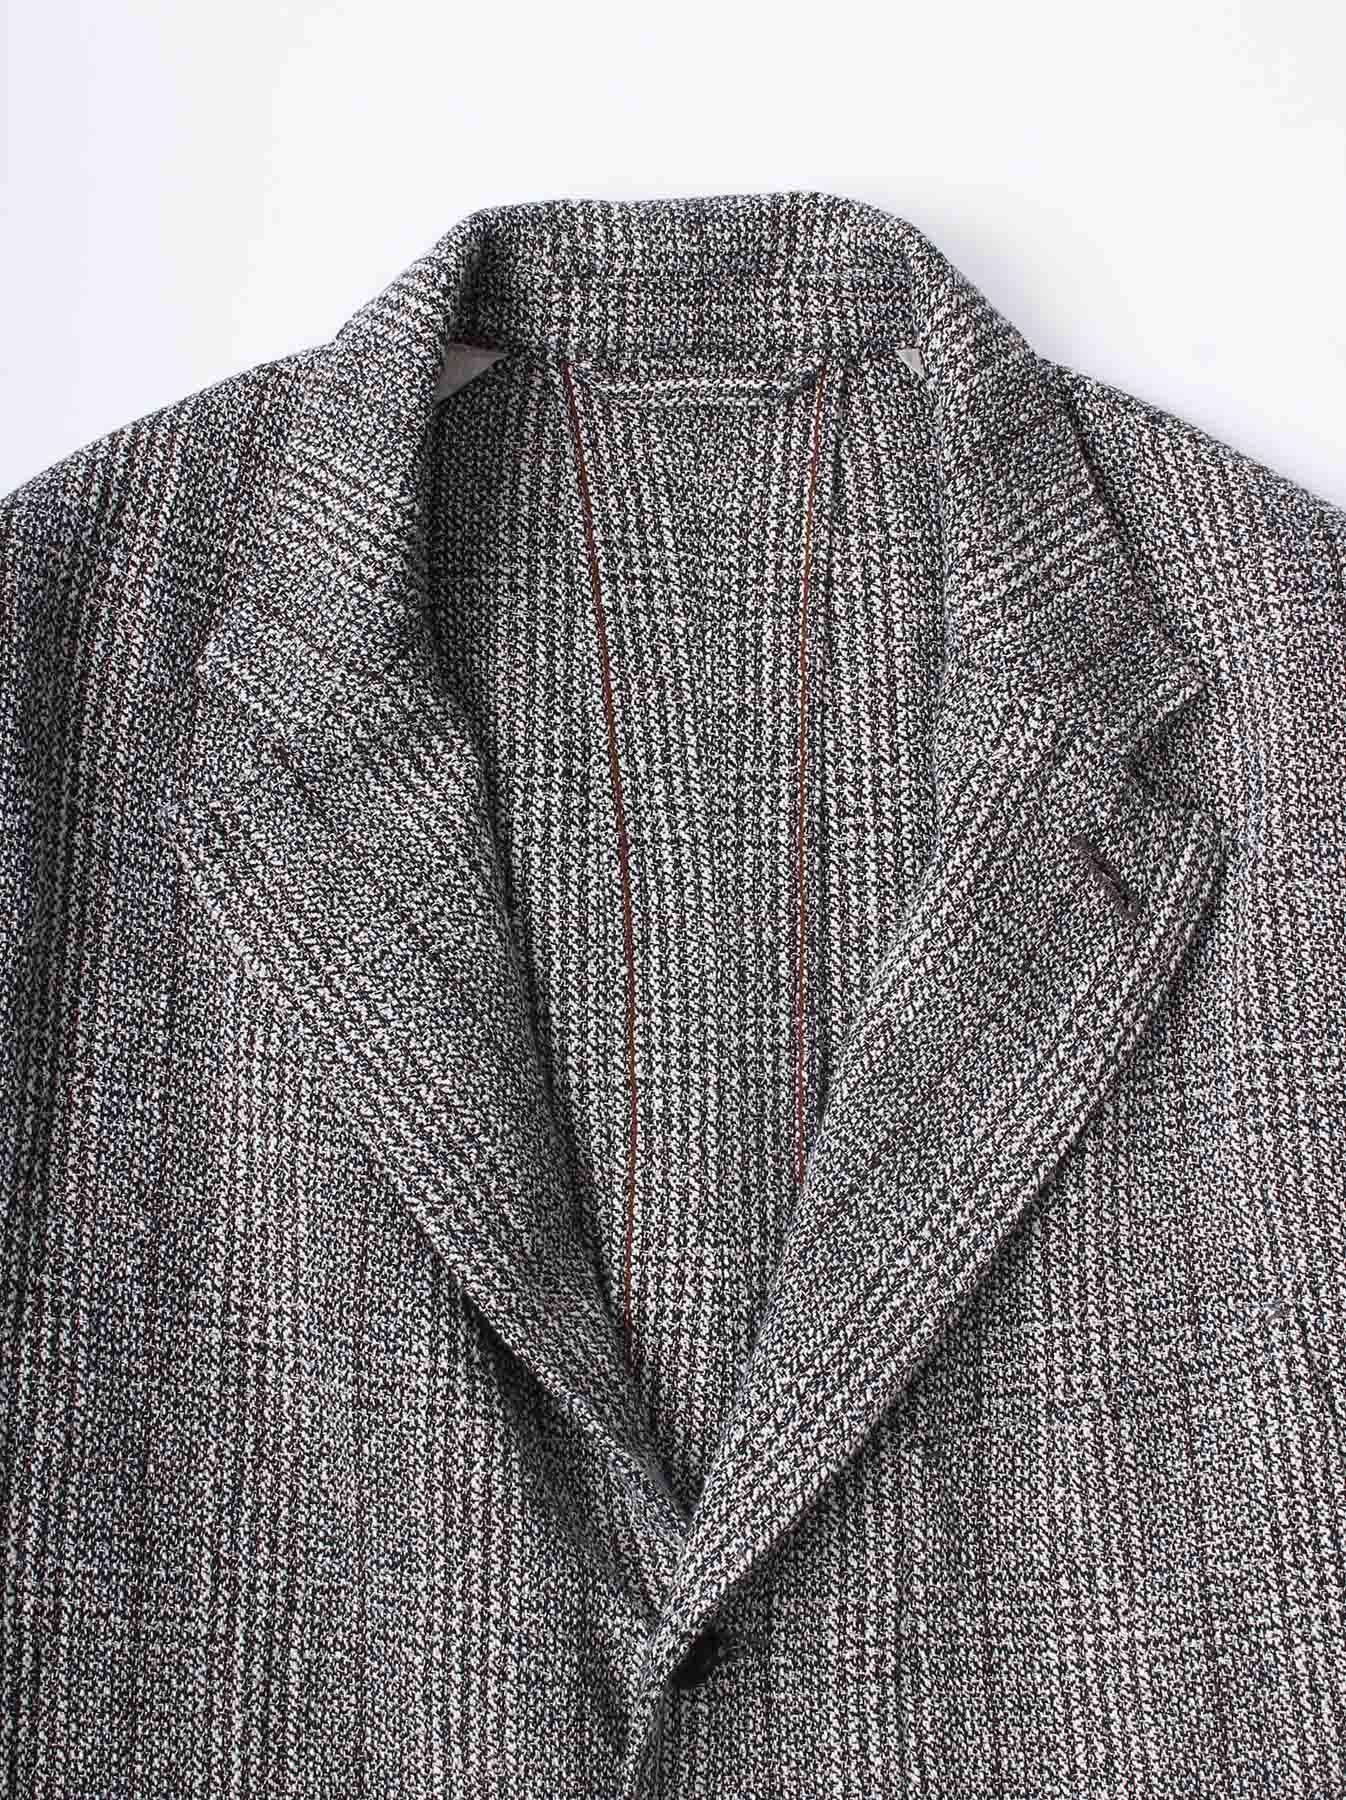 WH Mokumoku Tweed Jacket-2